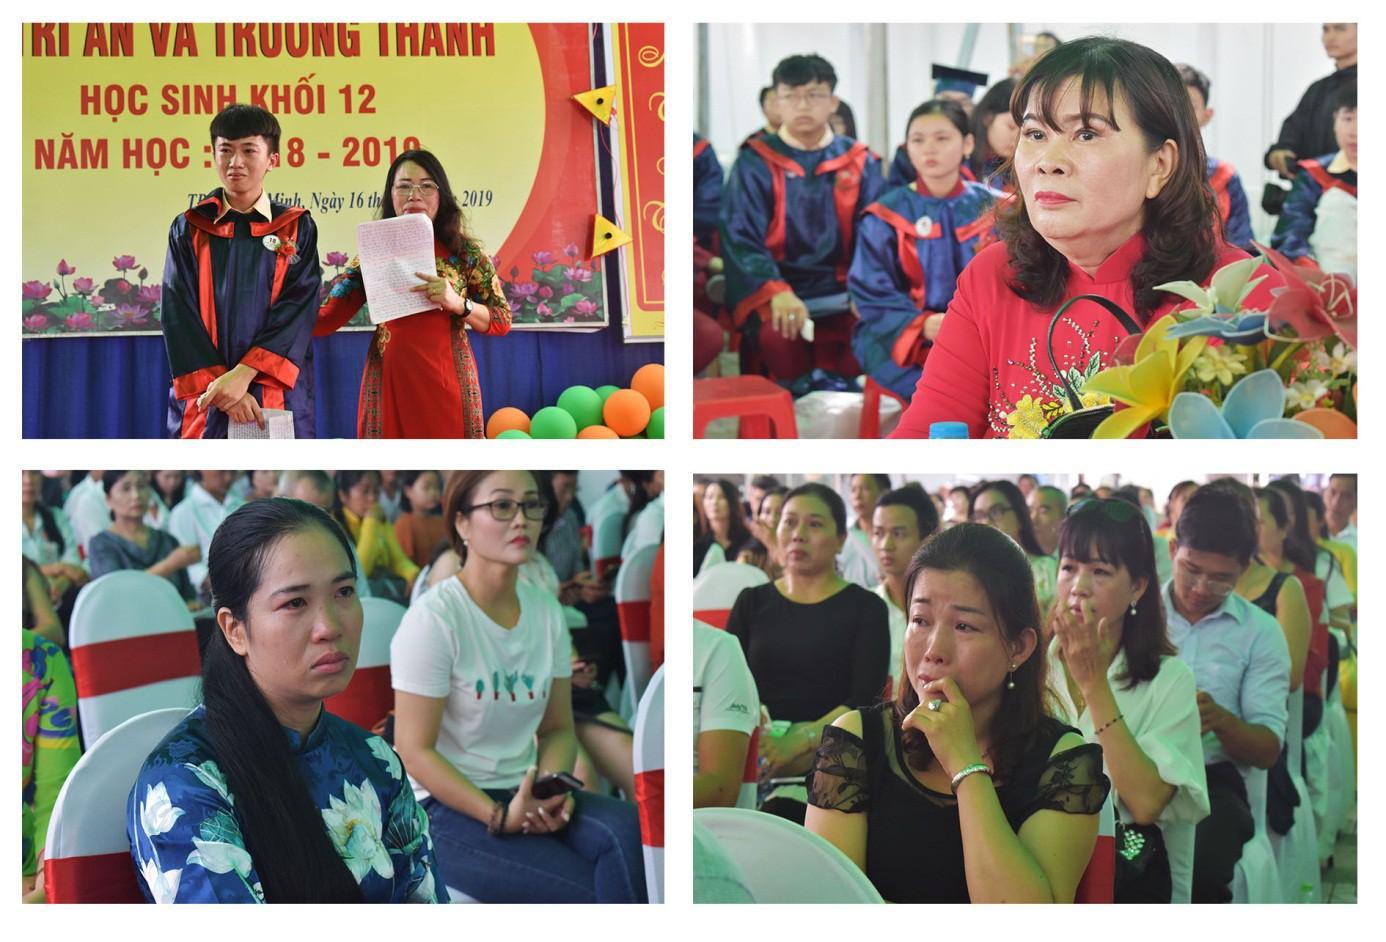 Nước mắt xen lẫn niềm vui trong lễ tri ân và trưởng thành của teen Mỹ Việt - Ảnh 4.